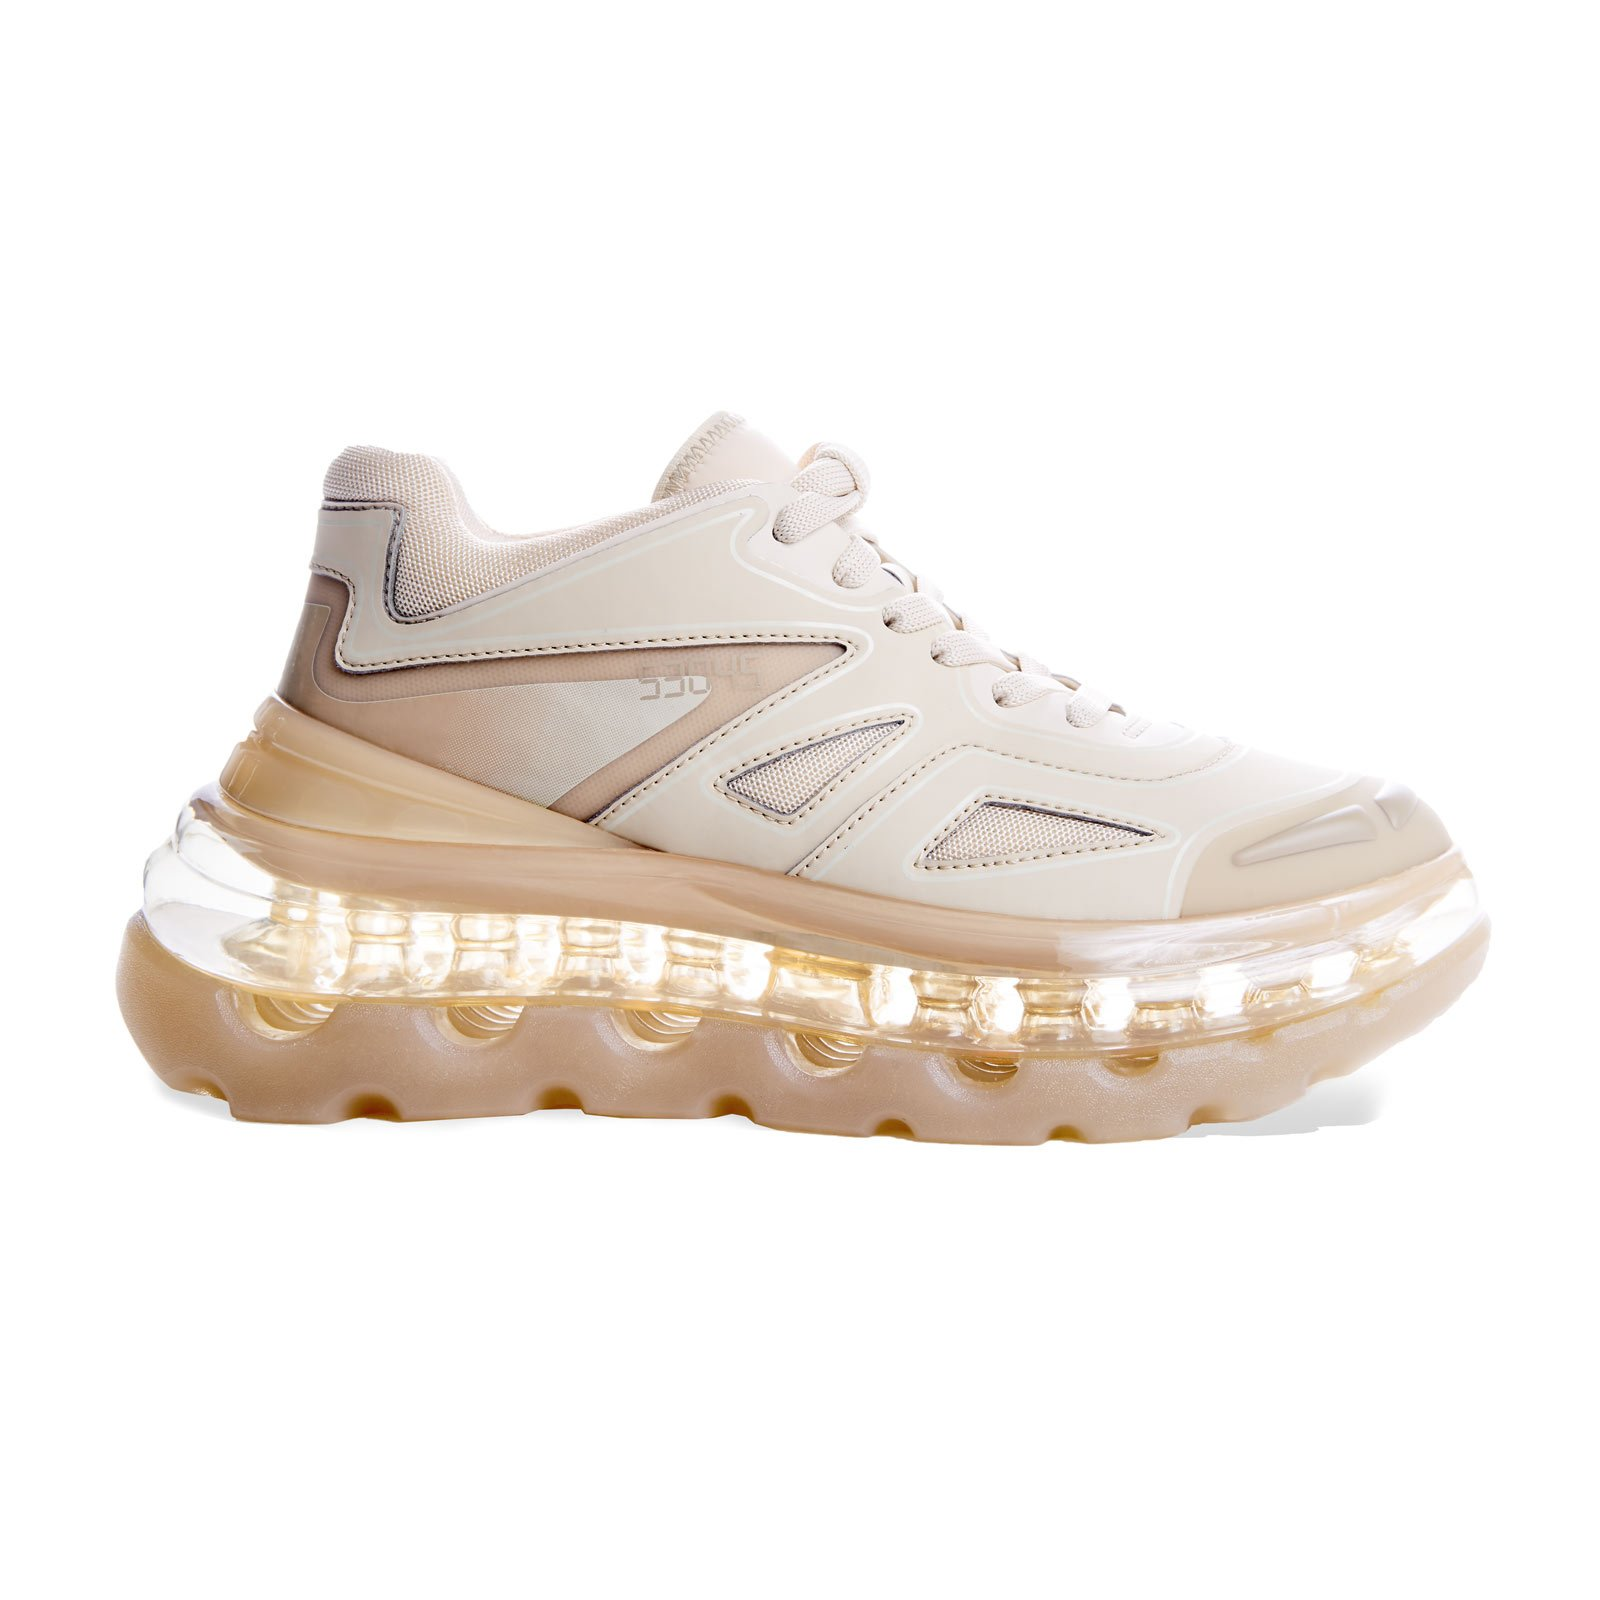 Shoes_50345_0013_2000x